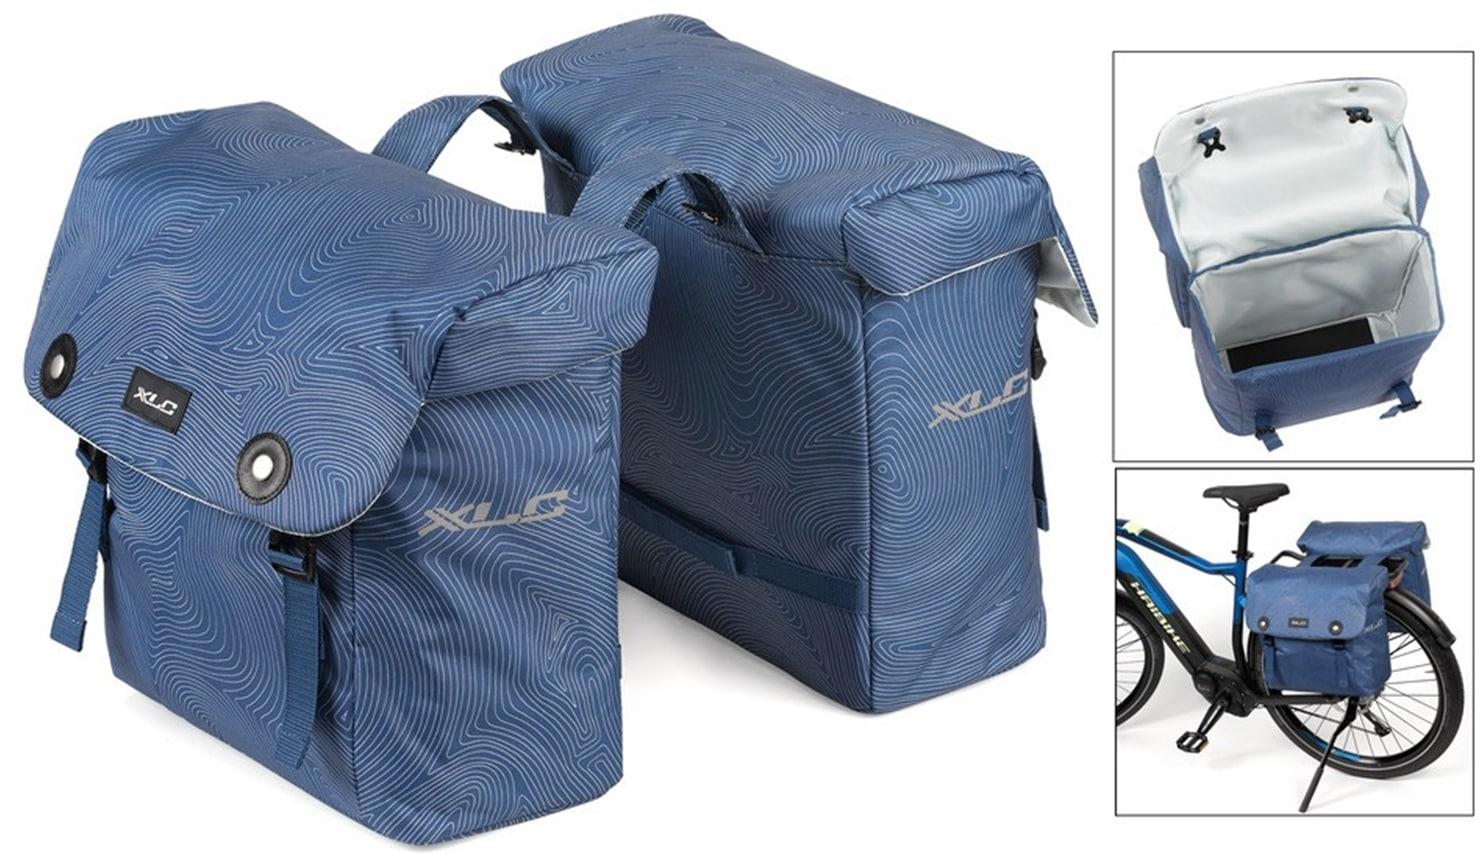 XLC Gepäckträgertasche Doppelpacktasche blau Fahrradtaschen Fahrradzubehör Fahrräder Zubehör Taschen